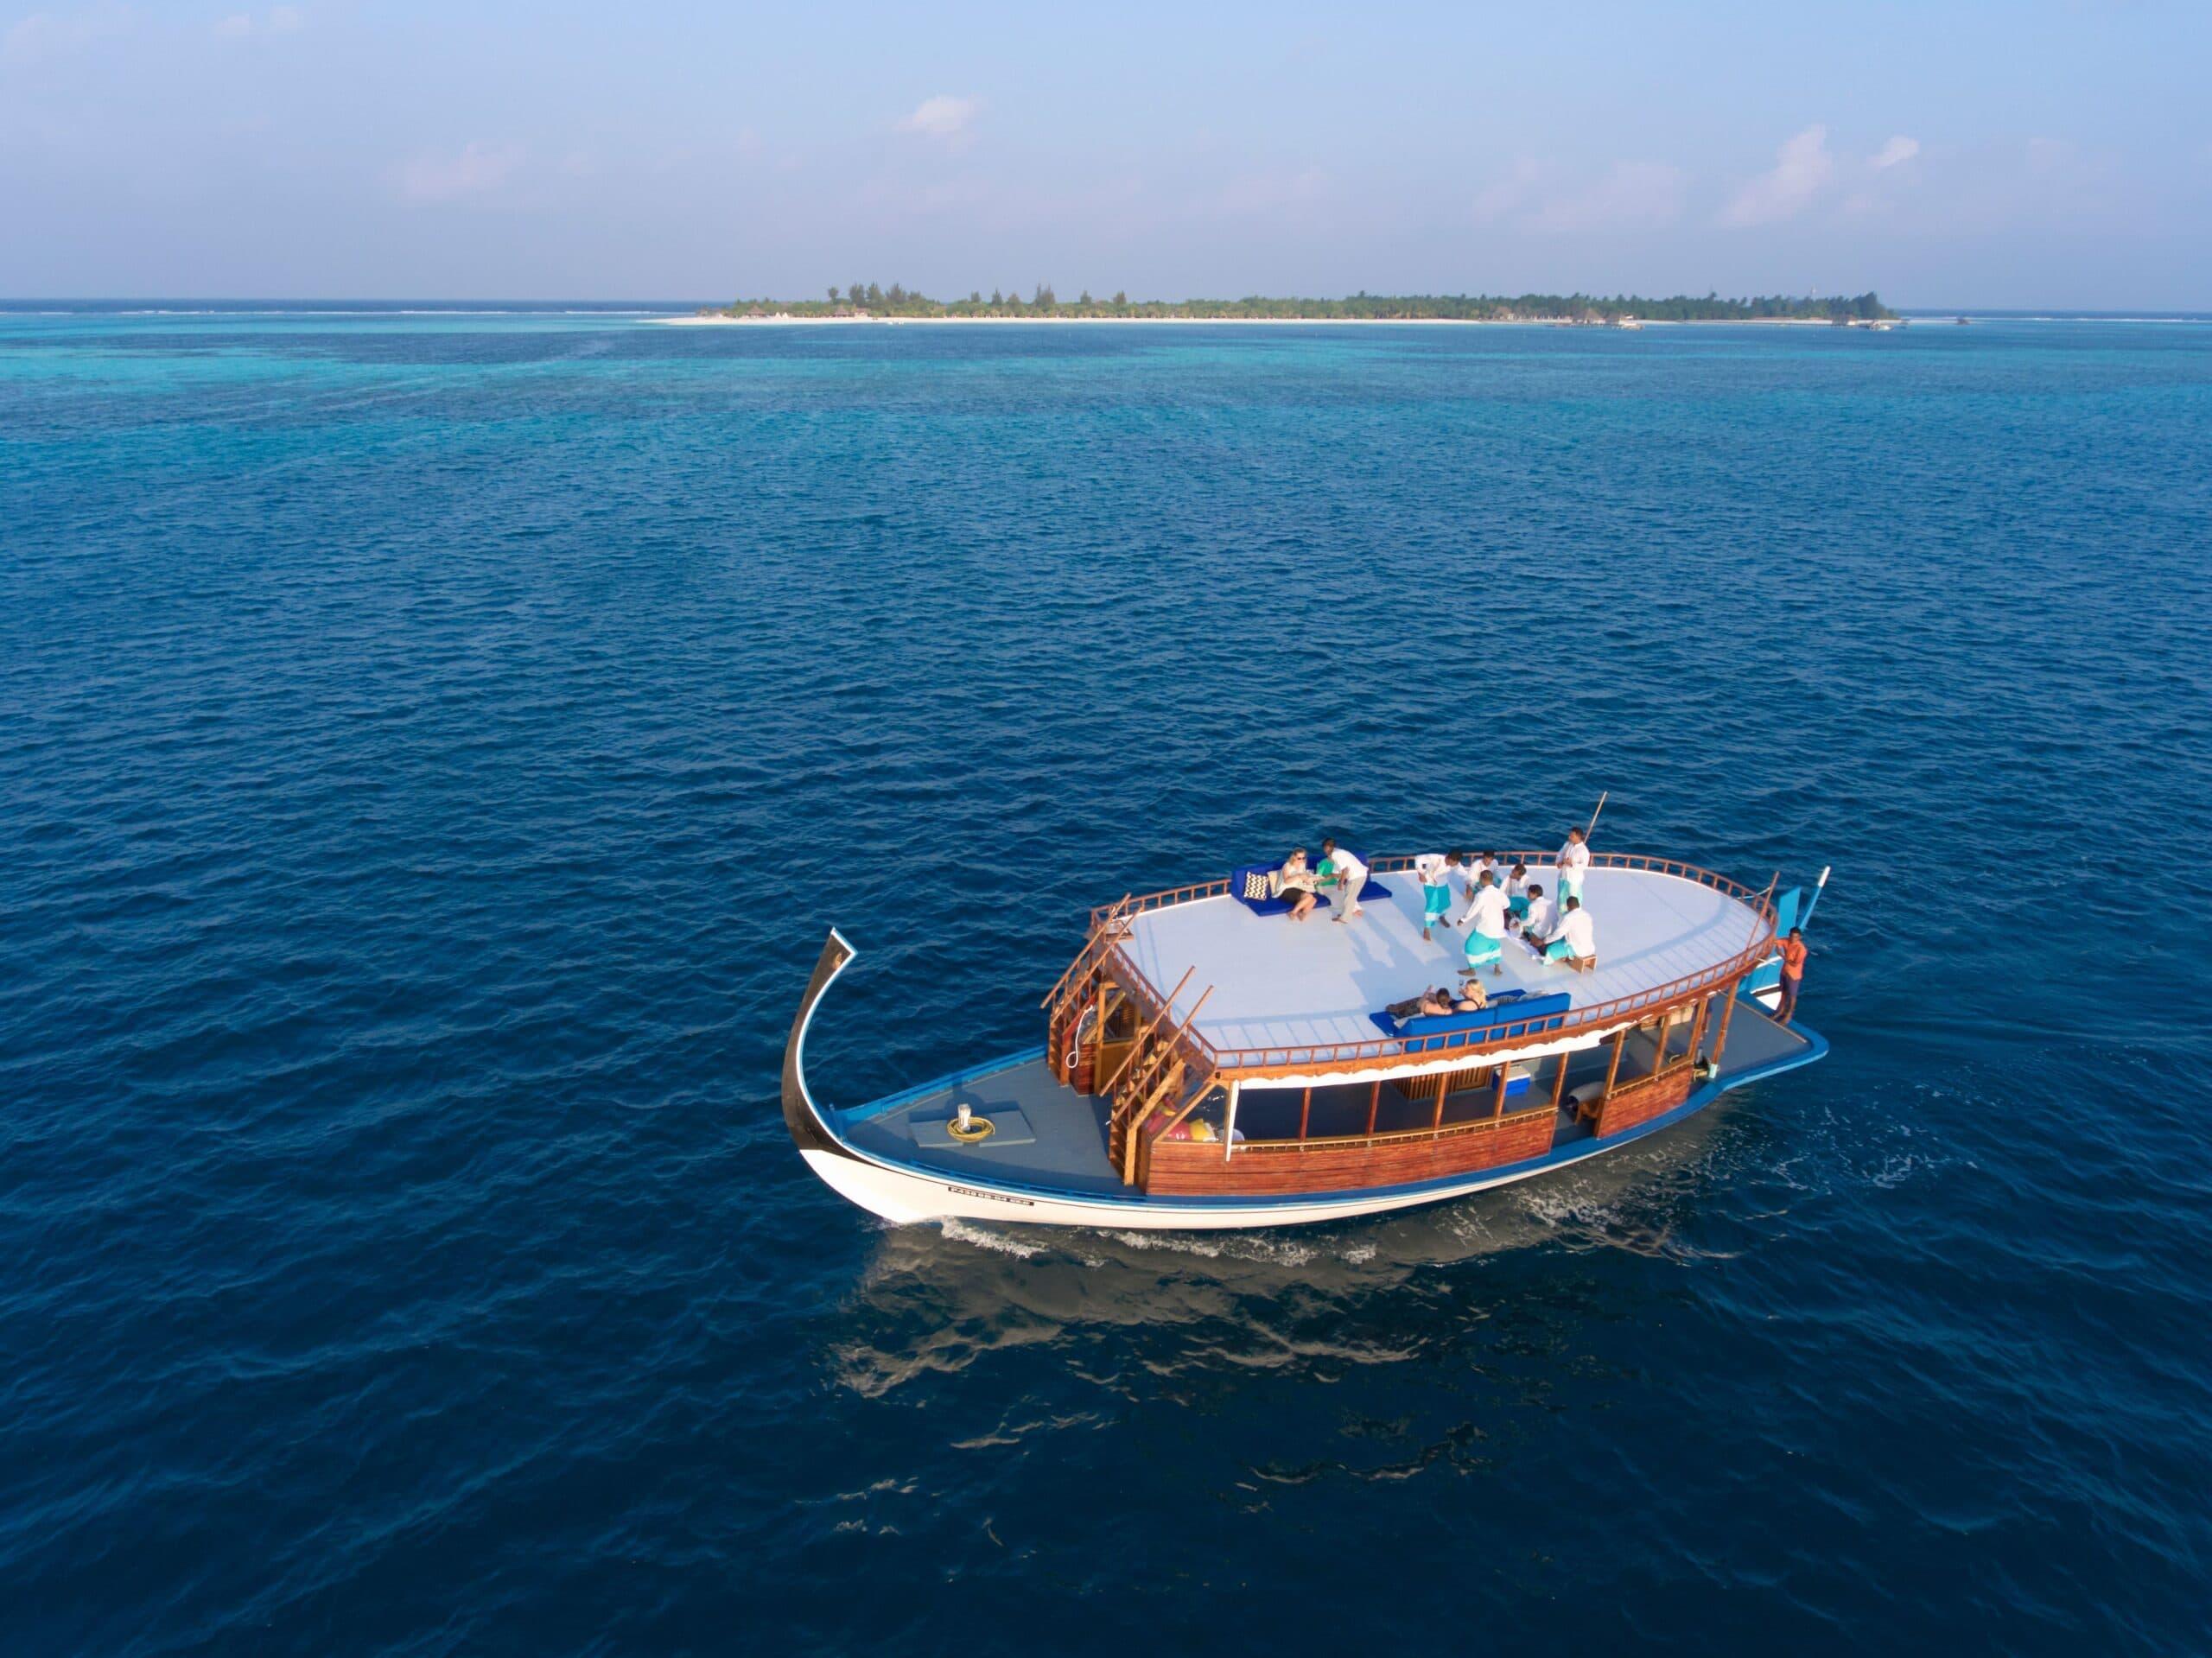 Sunset Cruise - Reisen in Style Reisebericht Malediven